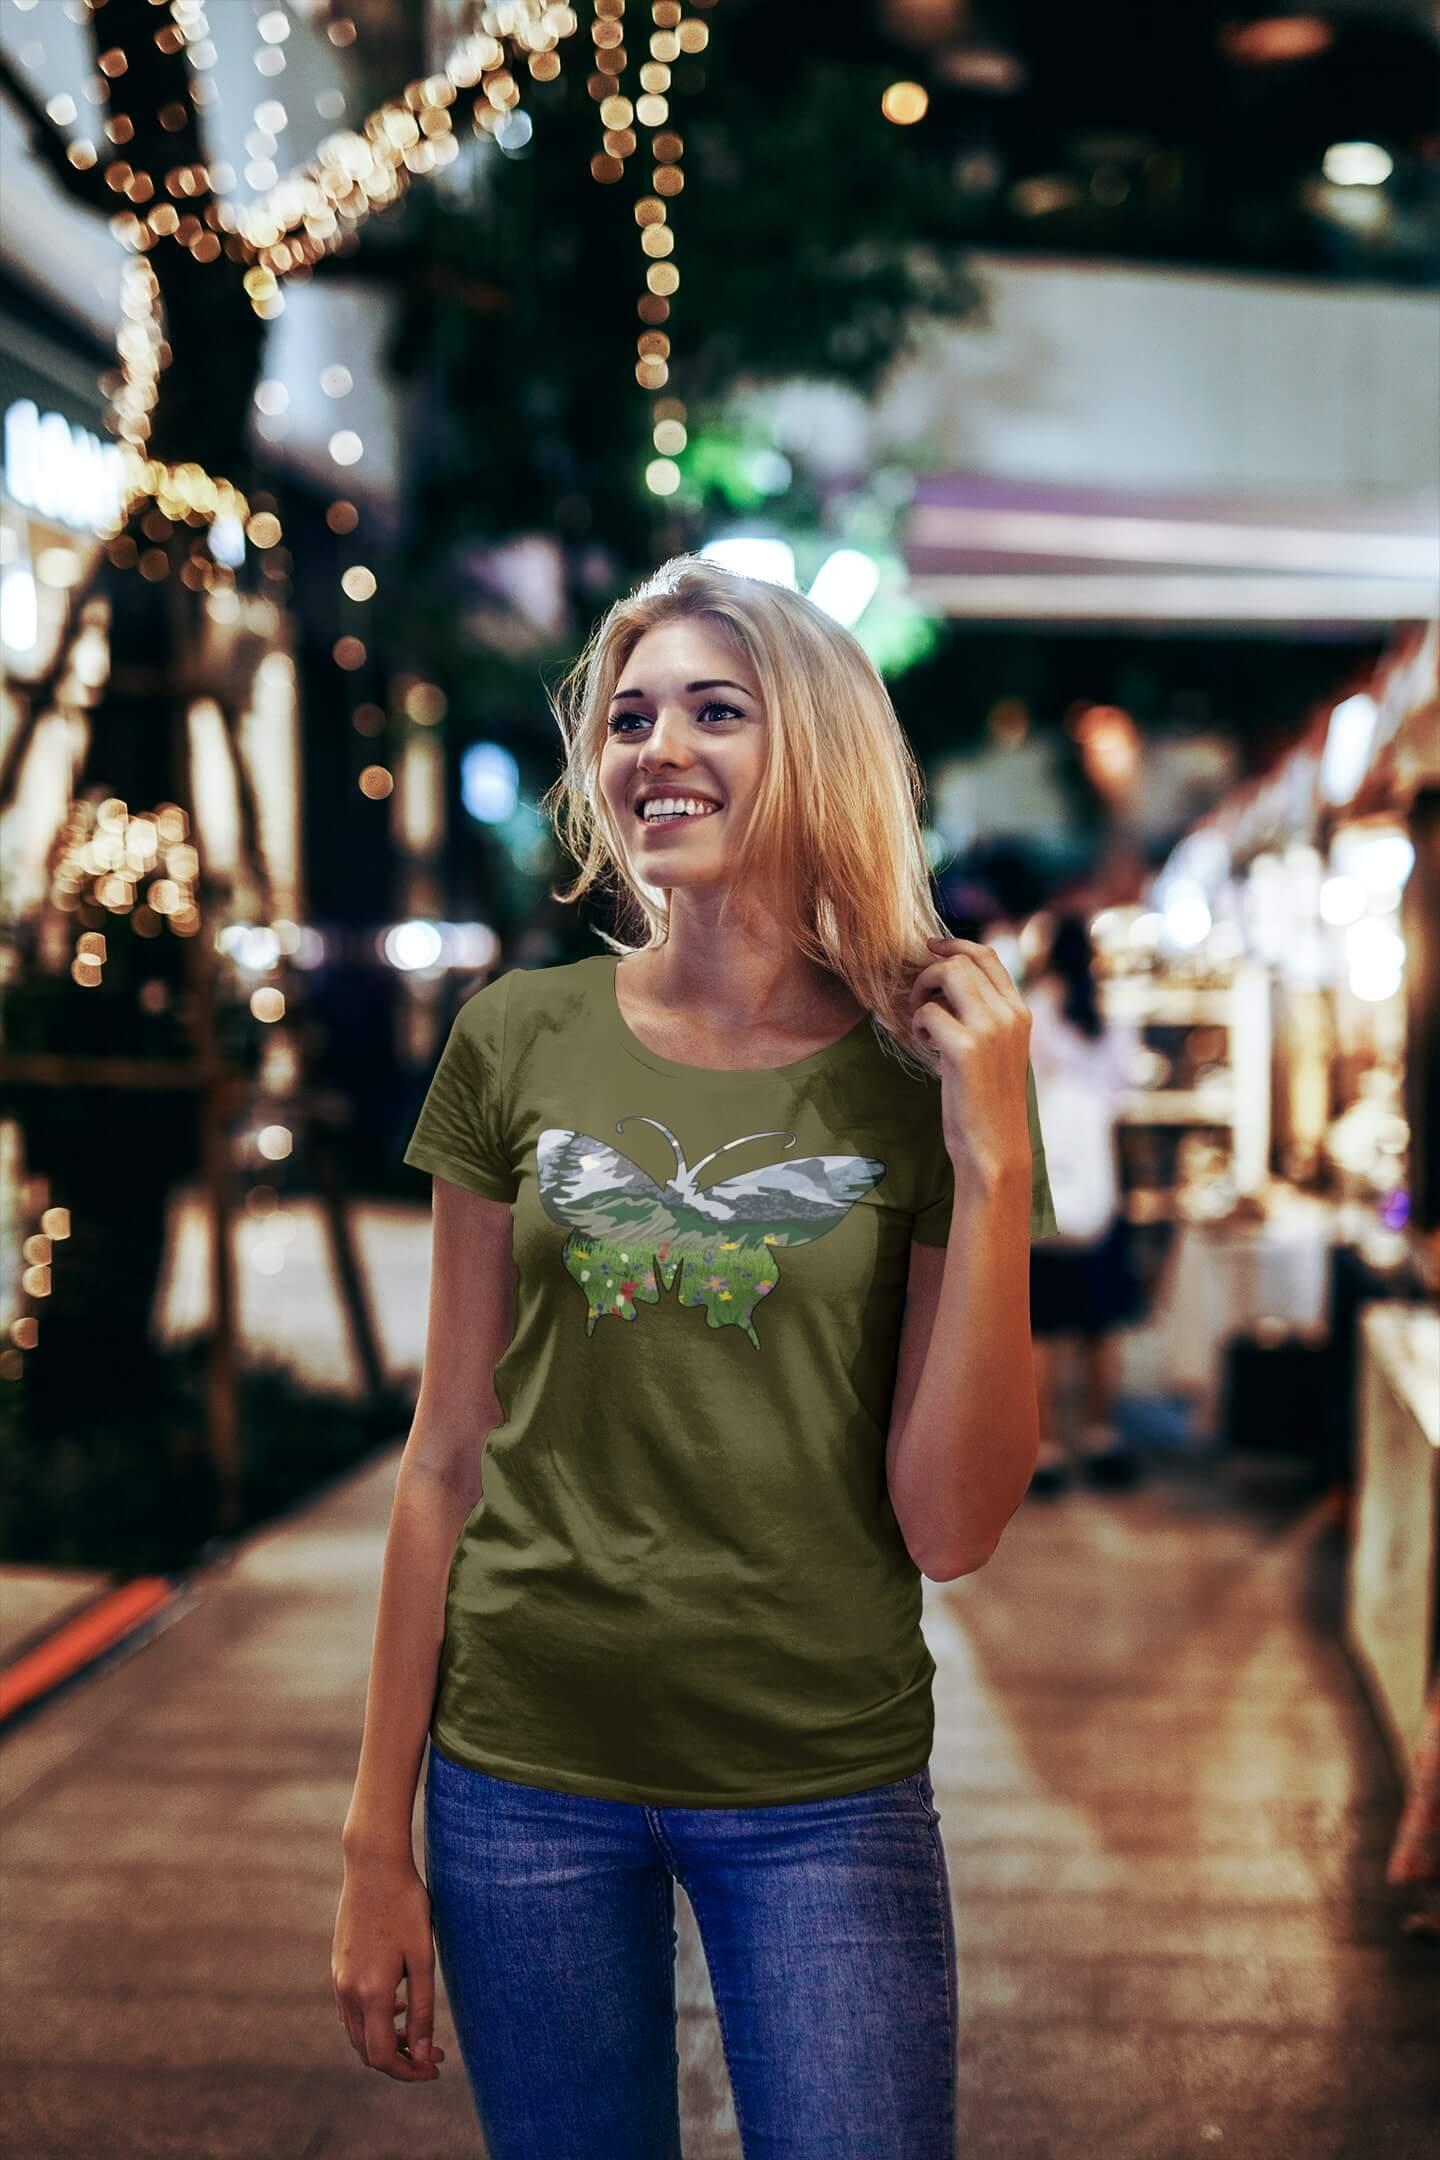 MMO Dámske tričko Motýľ Vyberte farbu: Khaki, Vyberte veľkosť: S